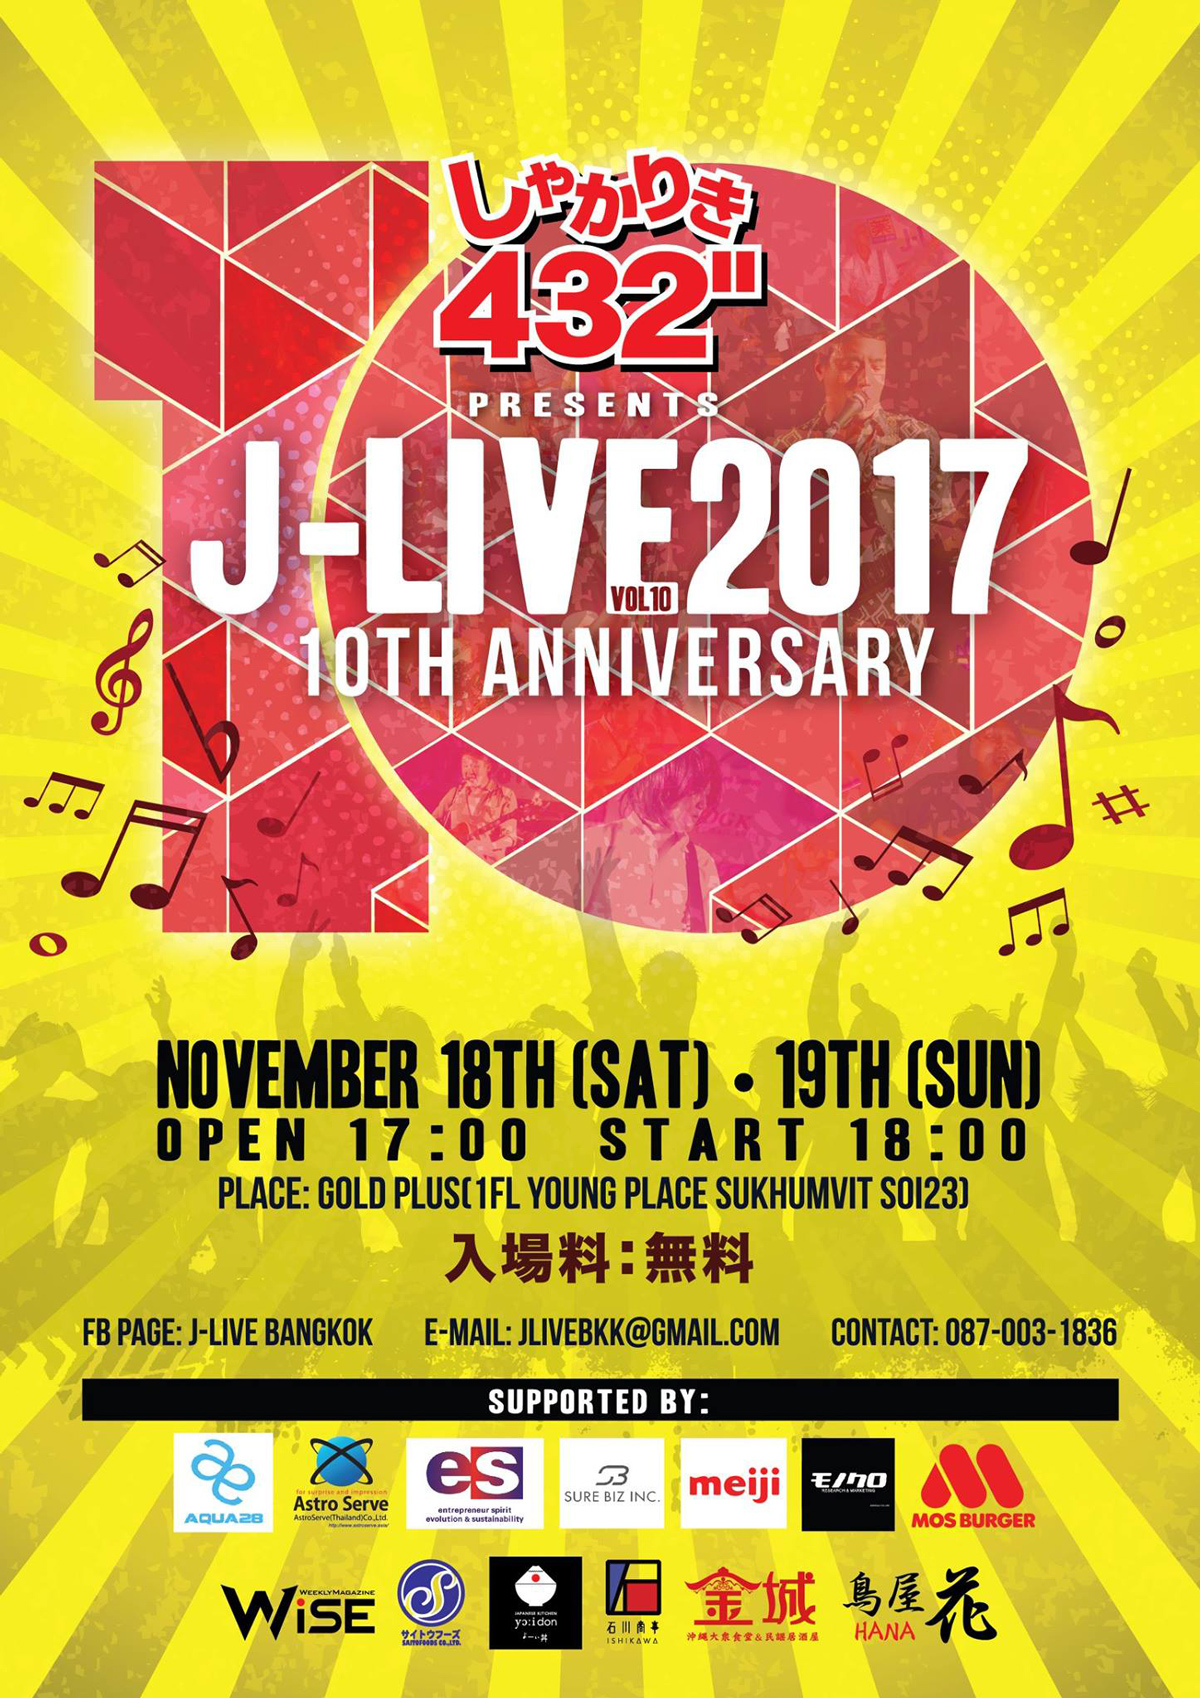 J-LIVE 2017